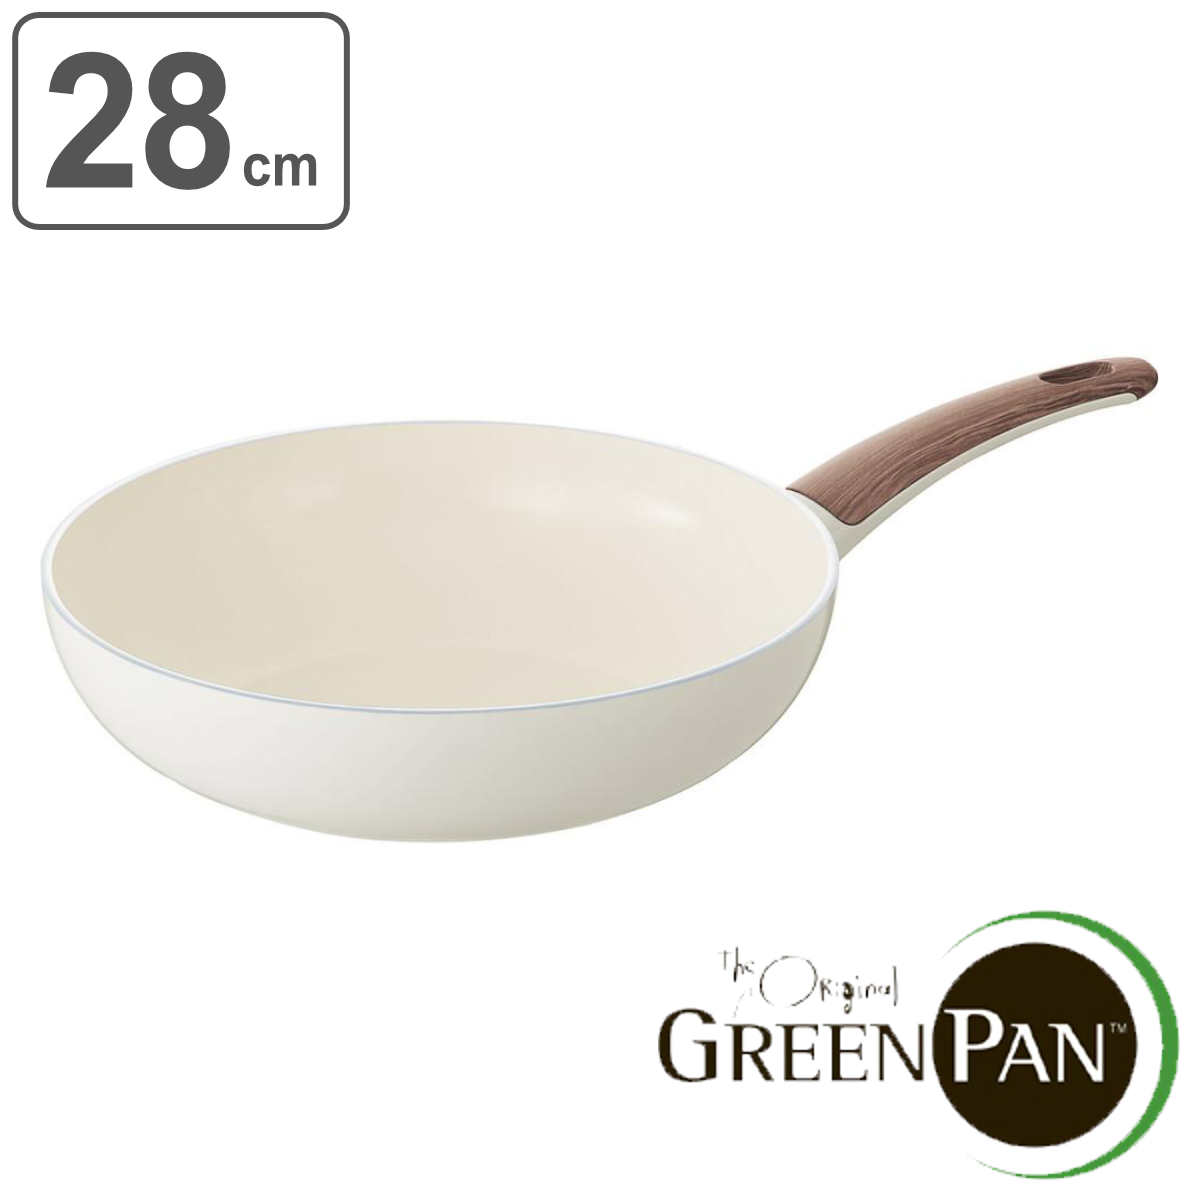 GREEN PAN グリーンパン ウォックパン 28cm WOOD-BE ウッドビー ダイヤモンド粒子配合 IH対応 ( 送料無料 ガス火対応 フライパン 深型フライパン 28センチ オーブン対応 炒め鍋 いため鍋 調理器具 オール熱源対応 )